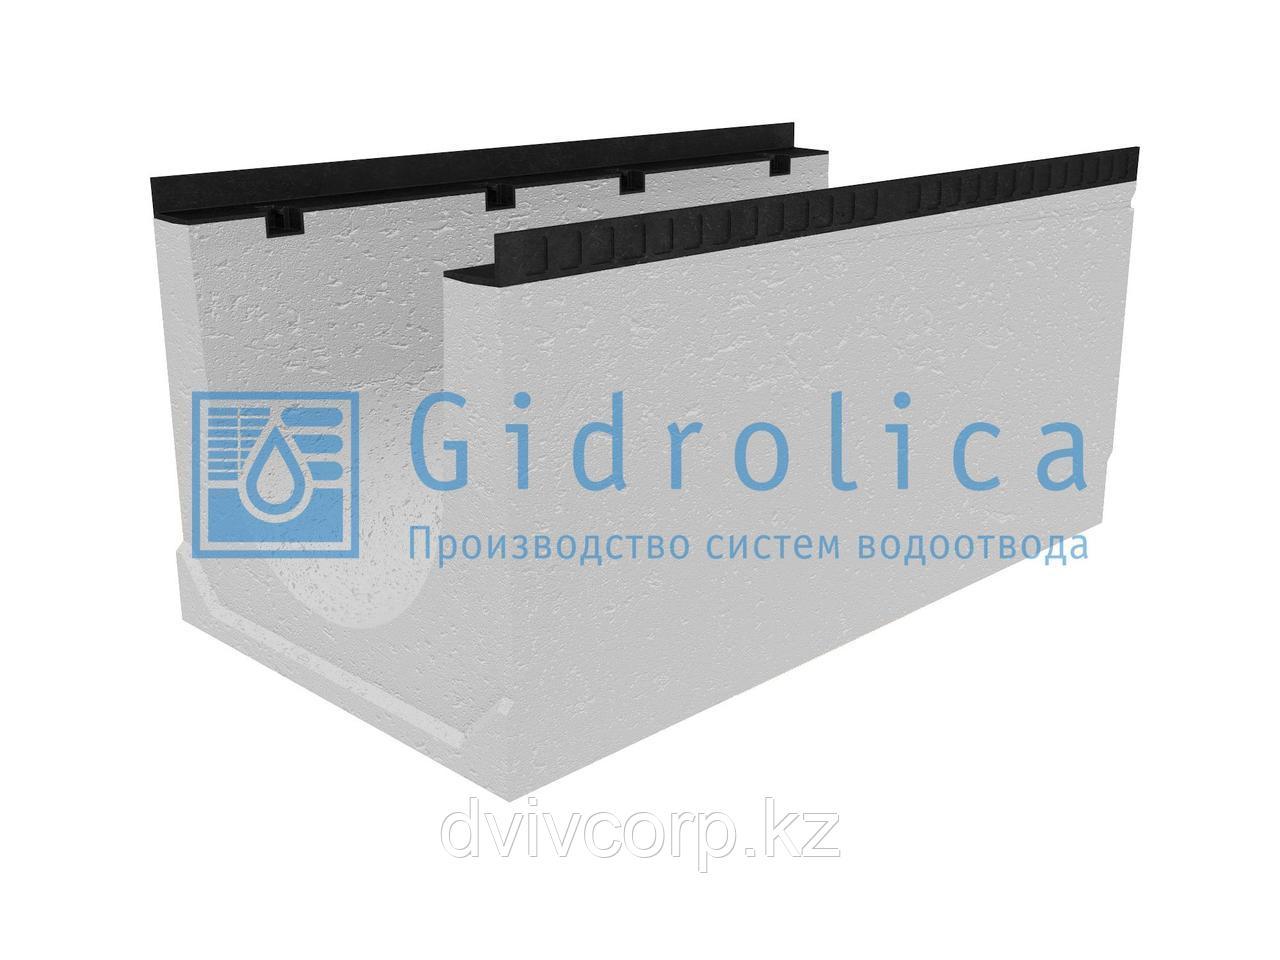 Лоток водоотводный бетонный коробчатый (СО-400мм), с уклоном 0,5%  КUу 100.54(40).49(41) - BGМ, № 8